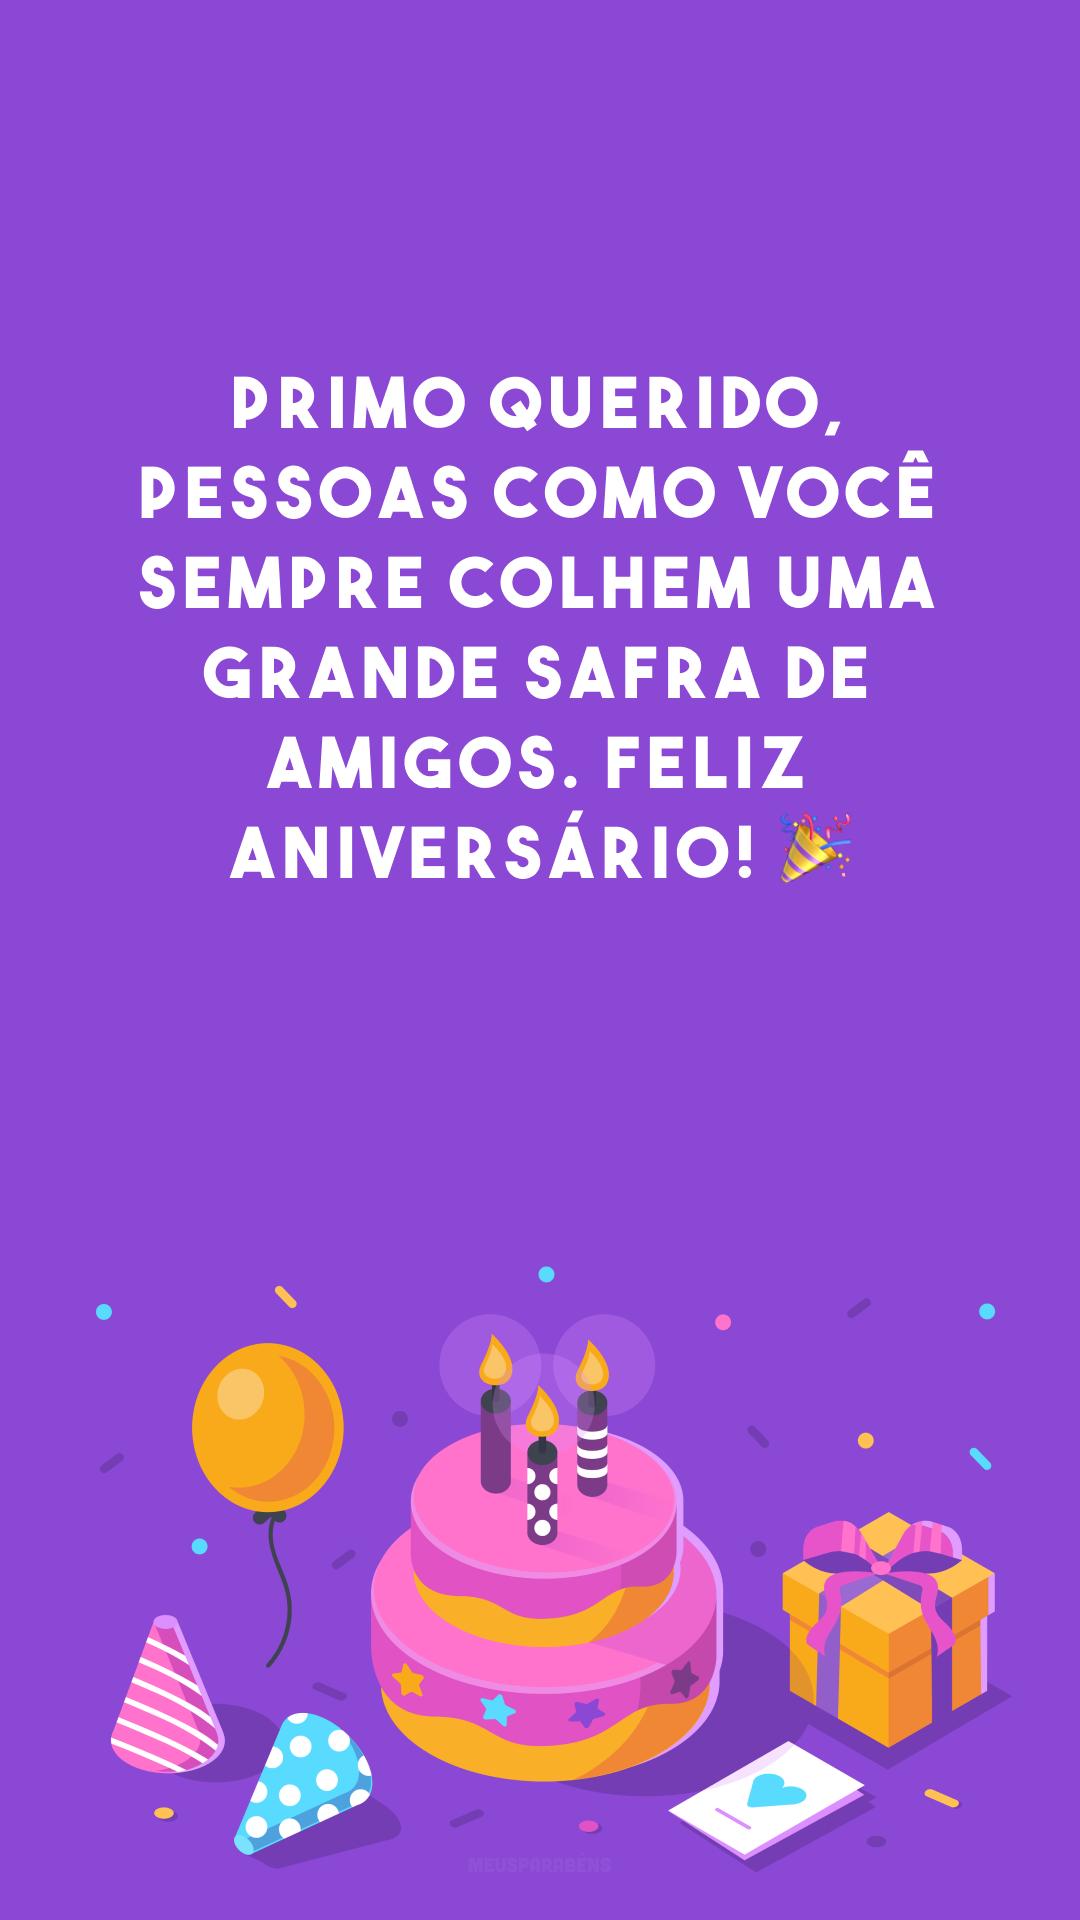 Primo querido, pessoas como você sempre colhem uma grande safra de amigos. Feliz aniversário! 🎉